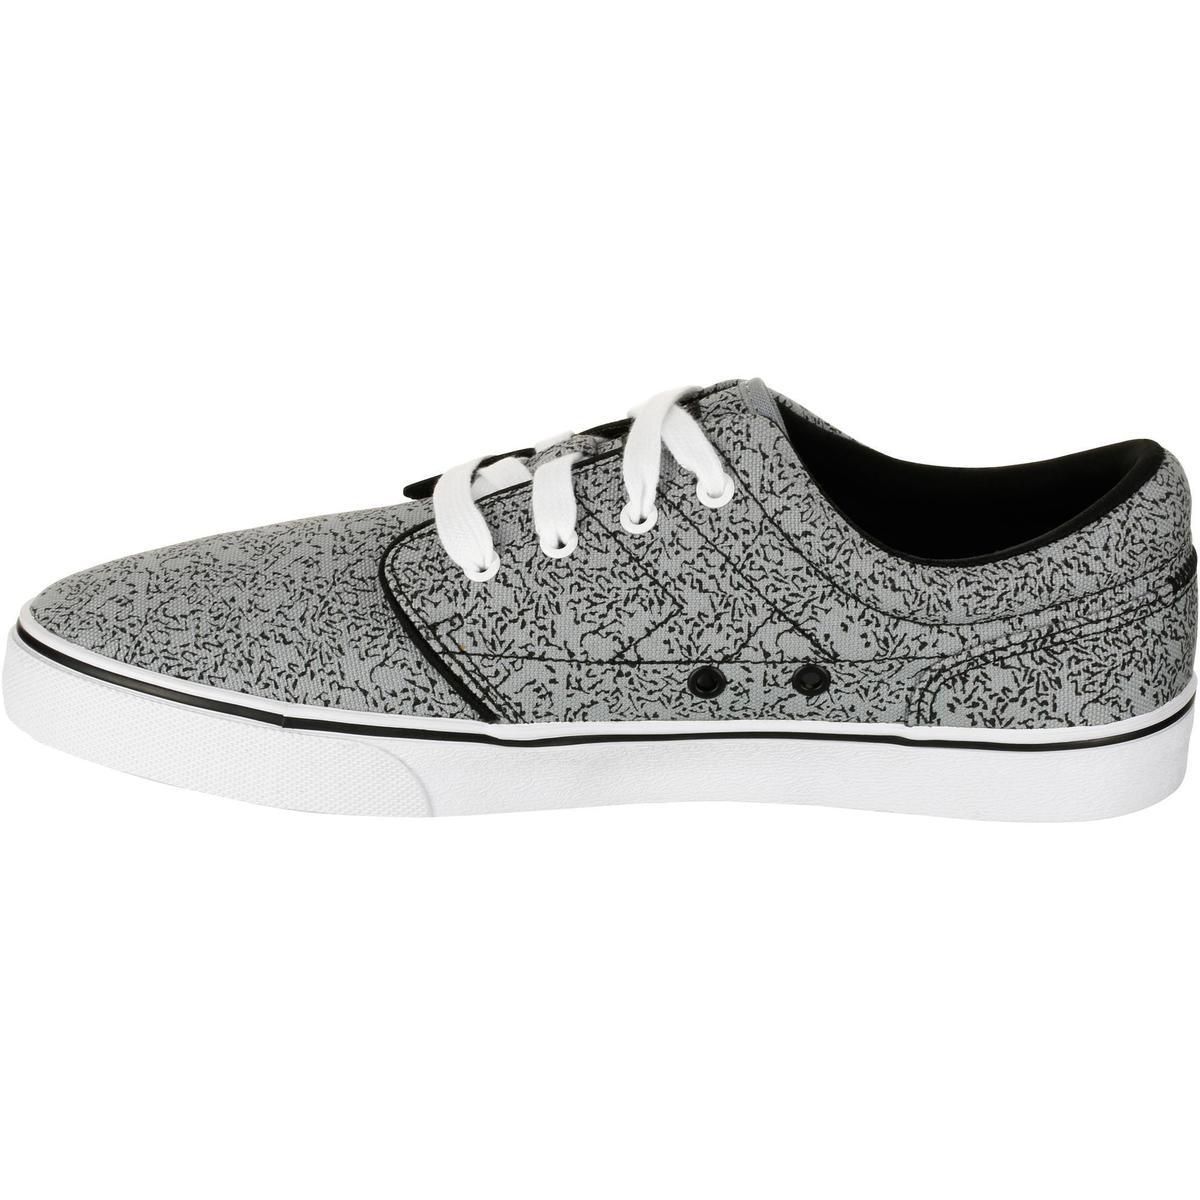 Bild 3 von Skaterschuhe Sneaker Vulca Canvas Erwachsene grau